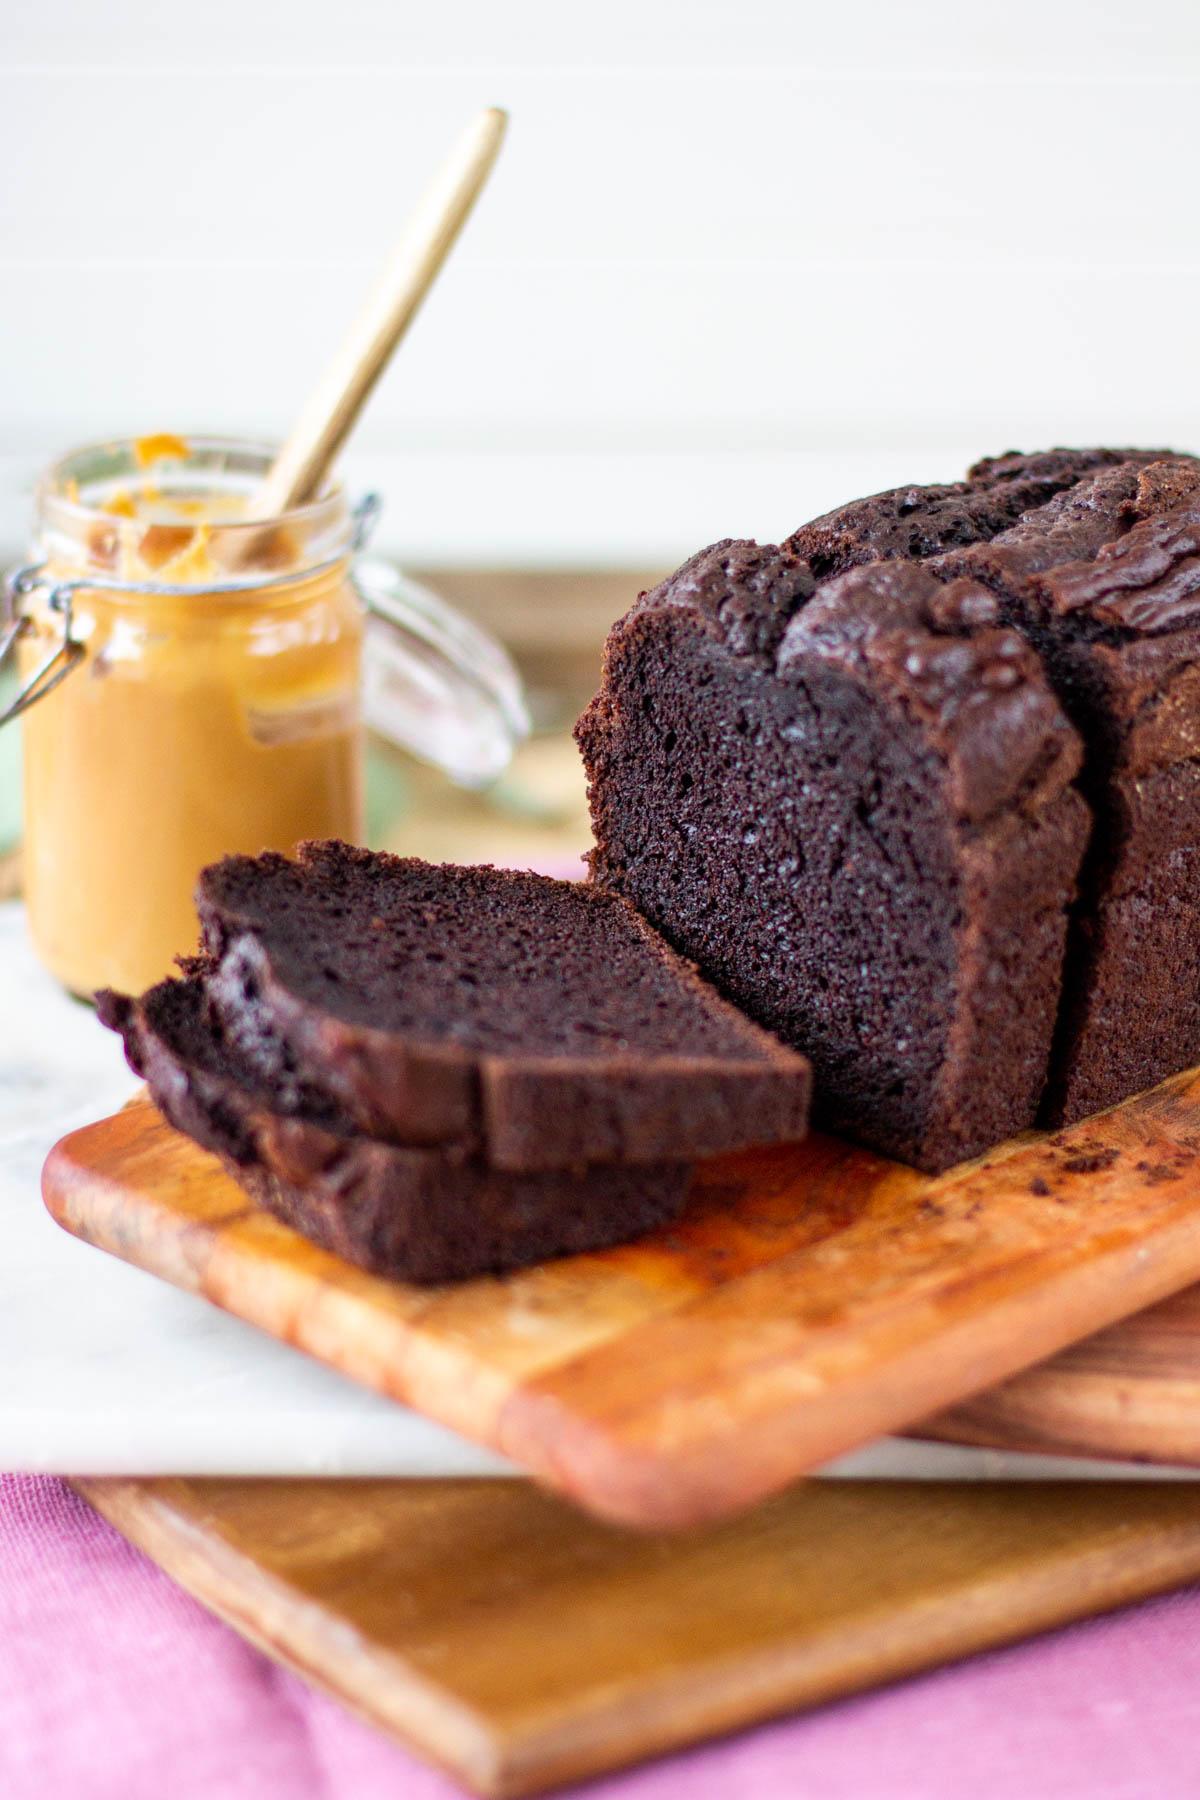 Tuore tumma suklaakakku ja hieman makeutettu maapähkinävoi. Paras suklaakakku.